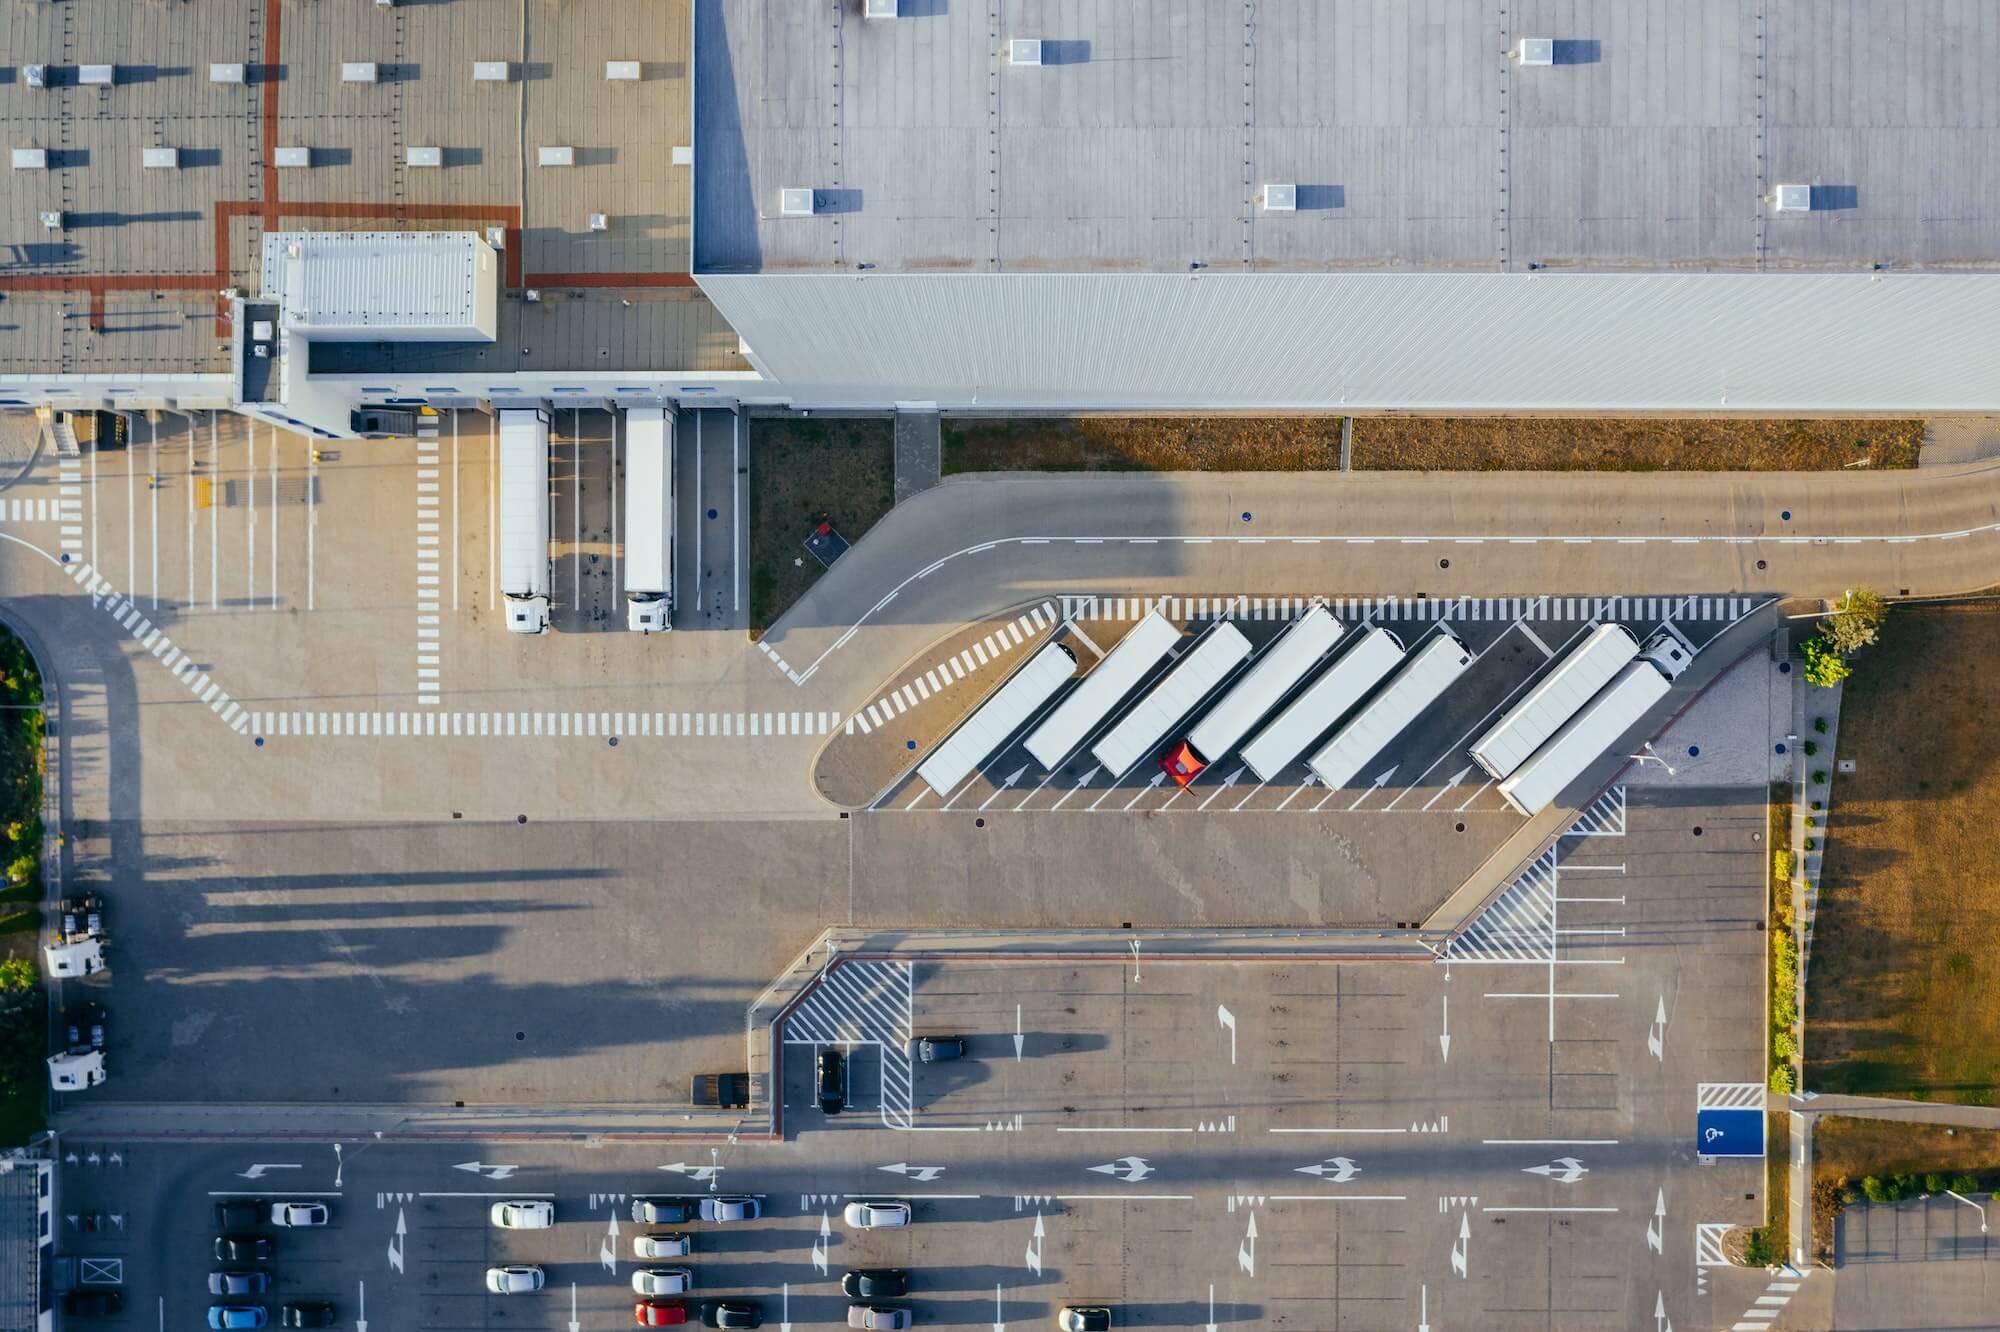 Camions au quai de chargement d'un entrepôt